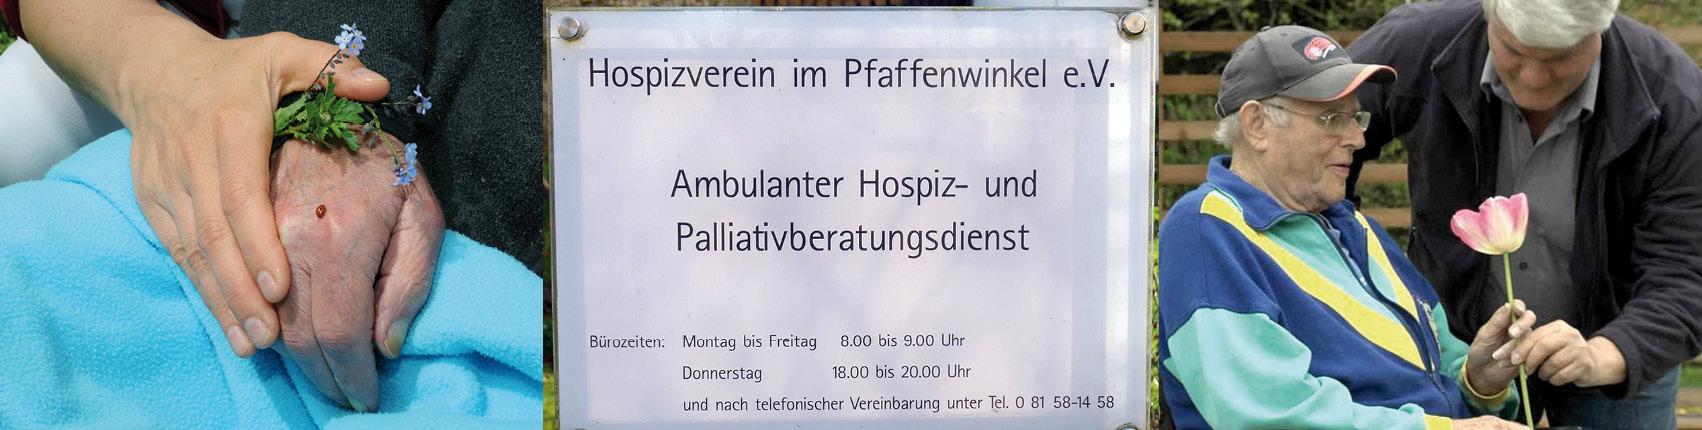 Slider_Ambulanter_Hospizdienst